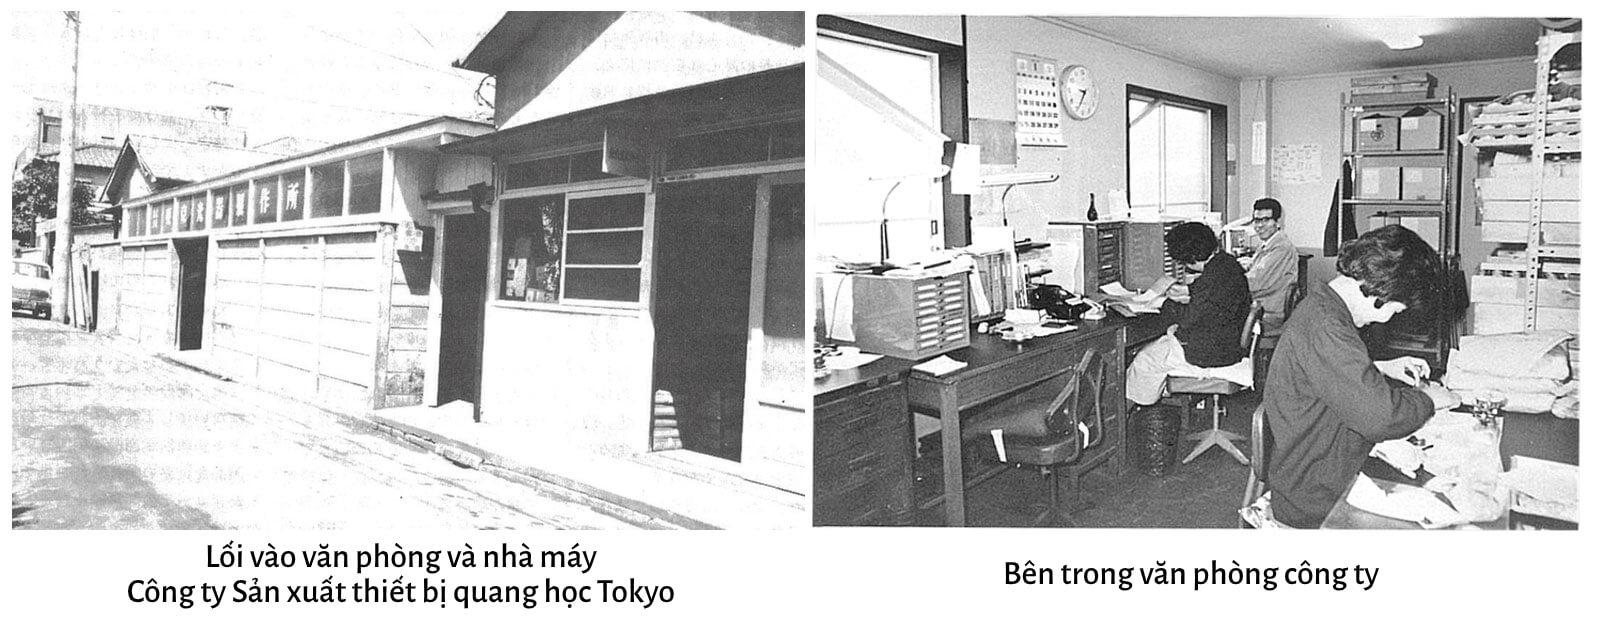 Văn phòng và nhà máy sản xuất của Tokina ở thời kì đầu